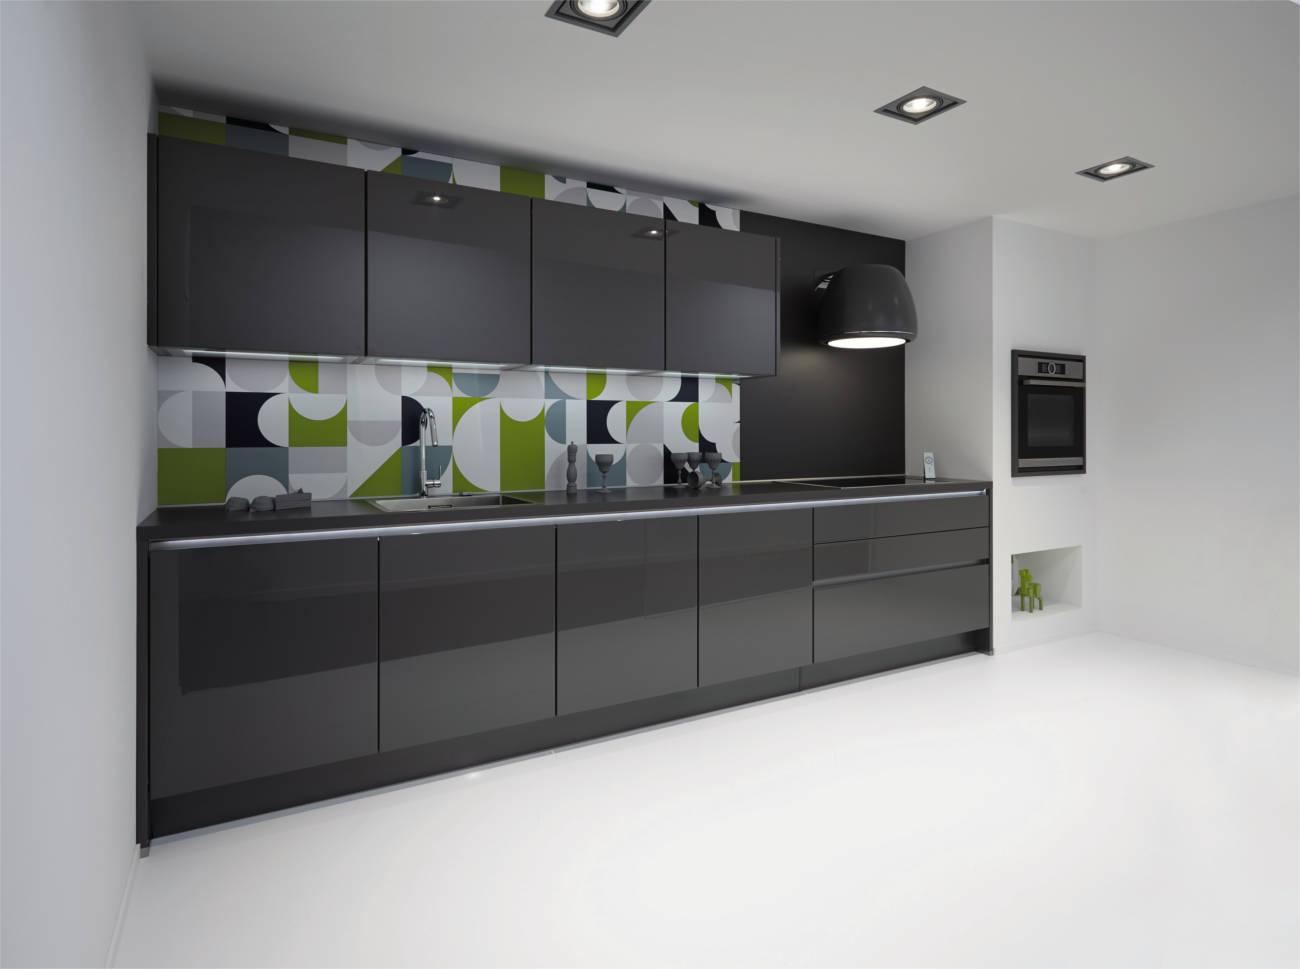 Cucine moderne lineari personalizzate e funzionali  Clara Cucine